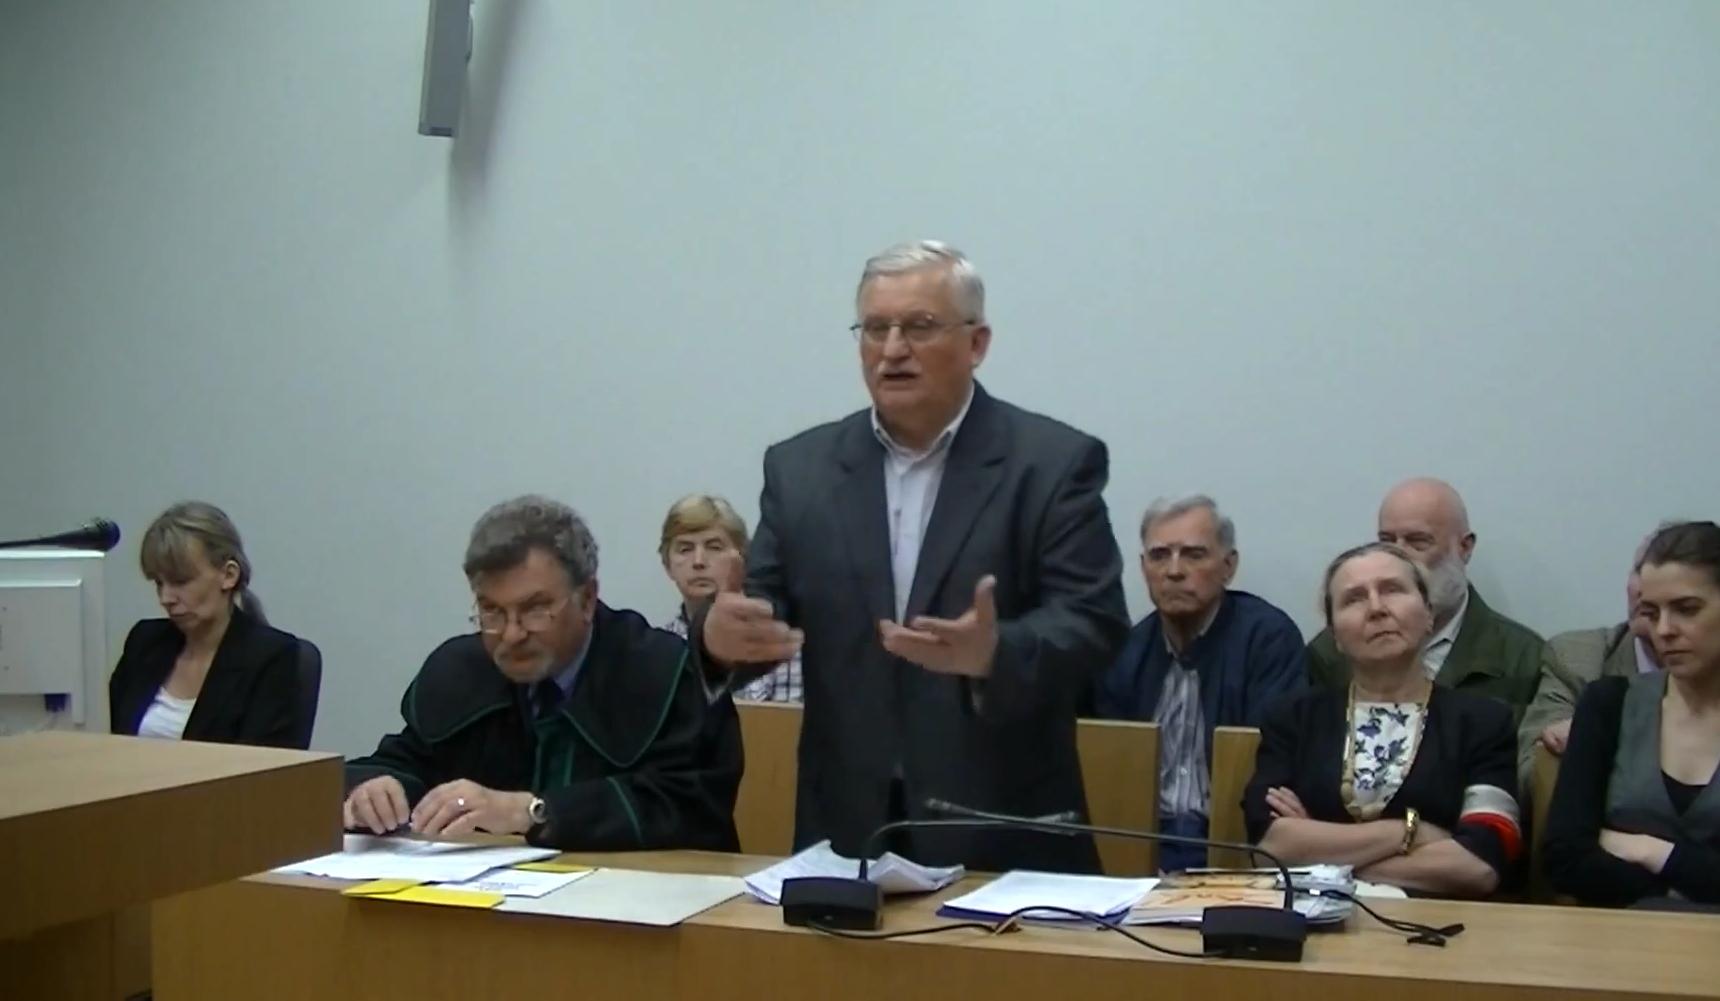 WOLNY CZYN: Rozprawa Zygmunta Korusa w Krakowie